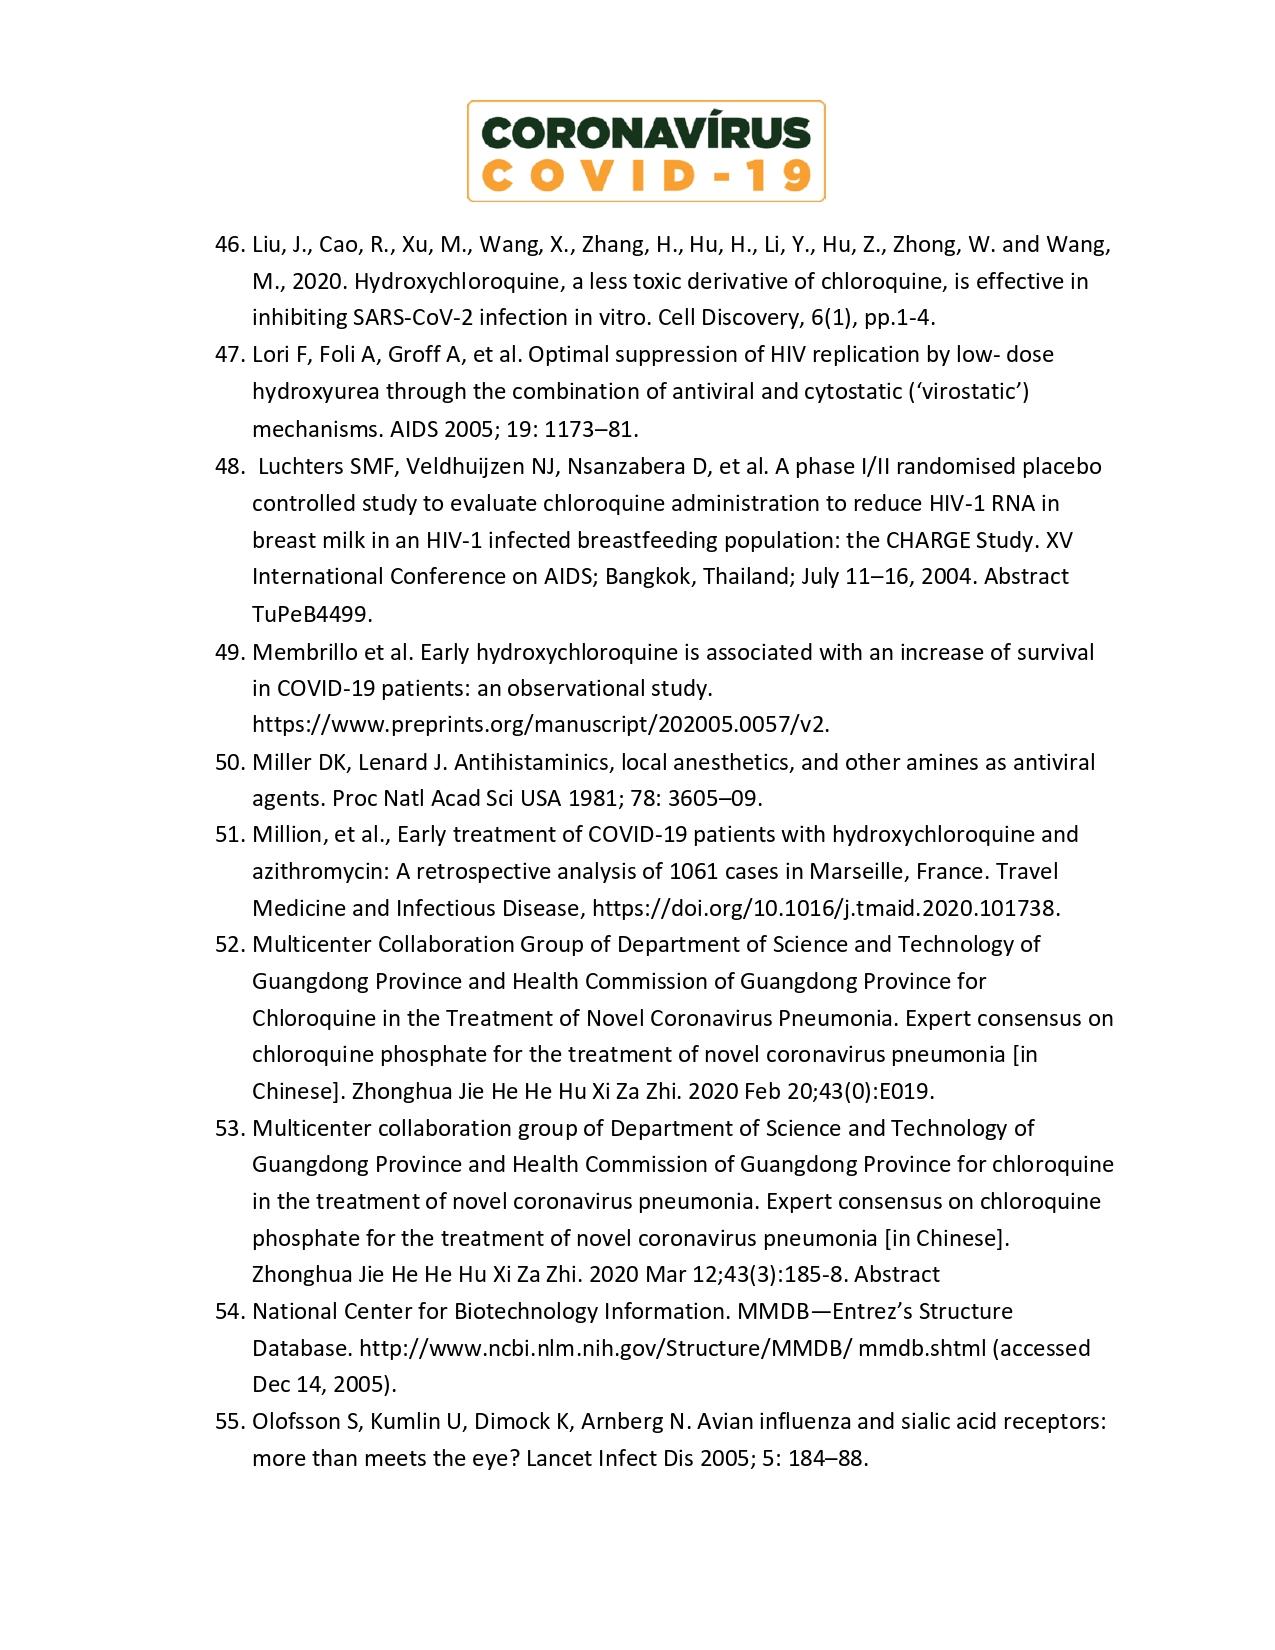 ORIENTAÇÕES DO MINISTÉRIO DA SAÚDE - hidroxi.cloroquina_page-0012